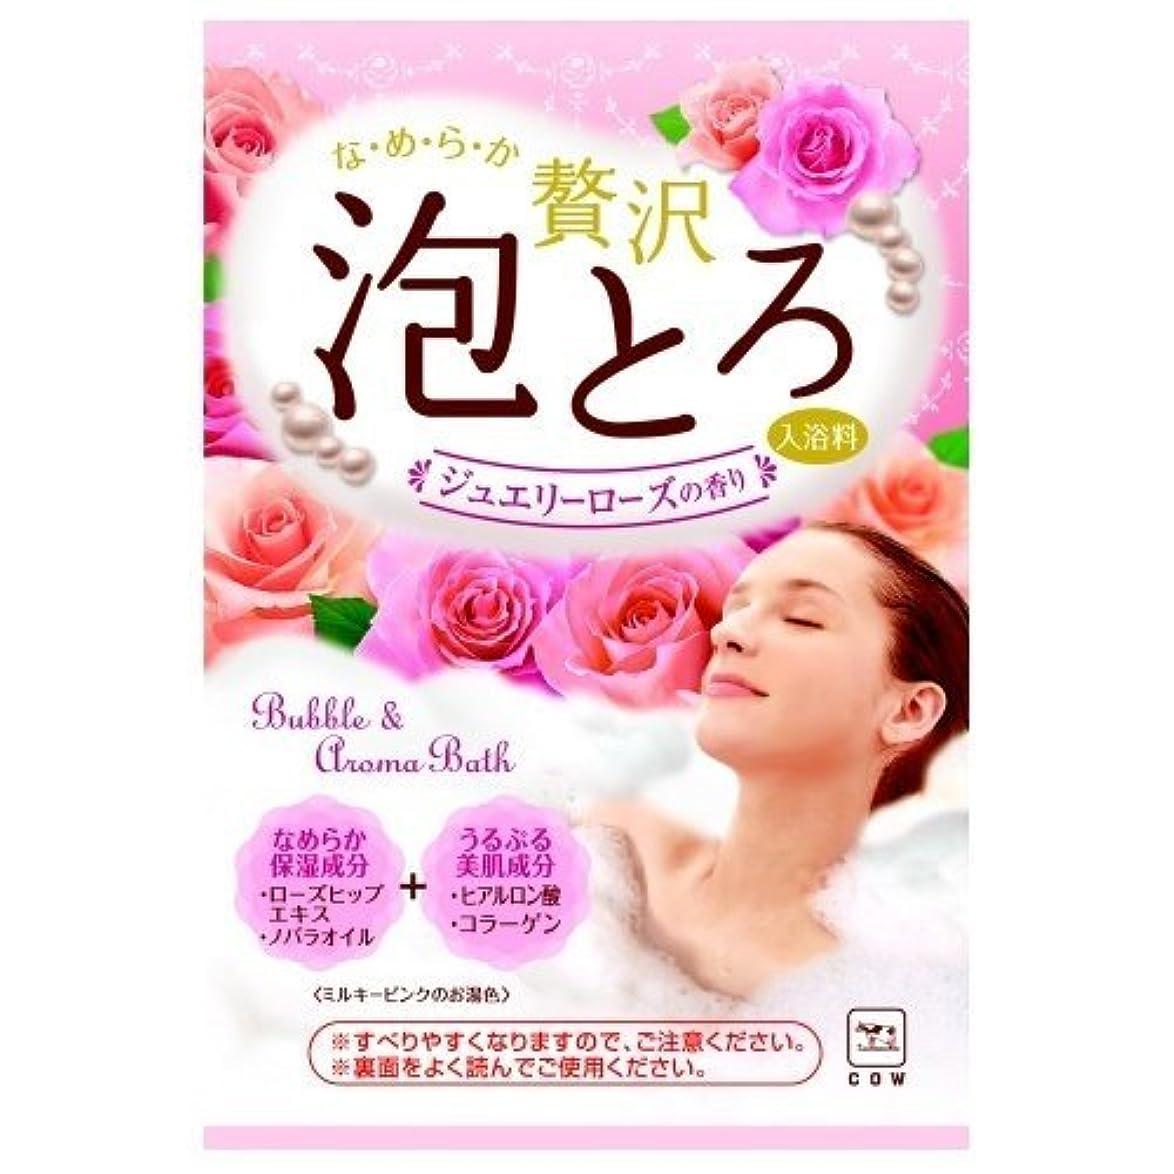 経験的喉が渇いた回復する牛乳石鹸共進社 贅沢泡とろ 入浴料 ジュエリーローズの香り 30g